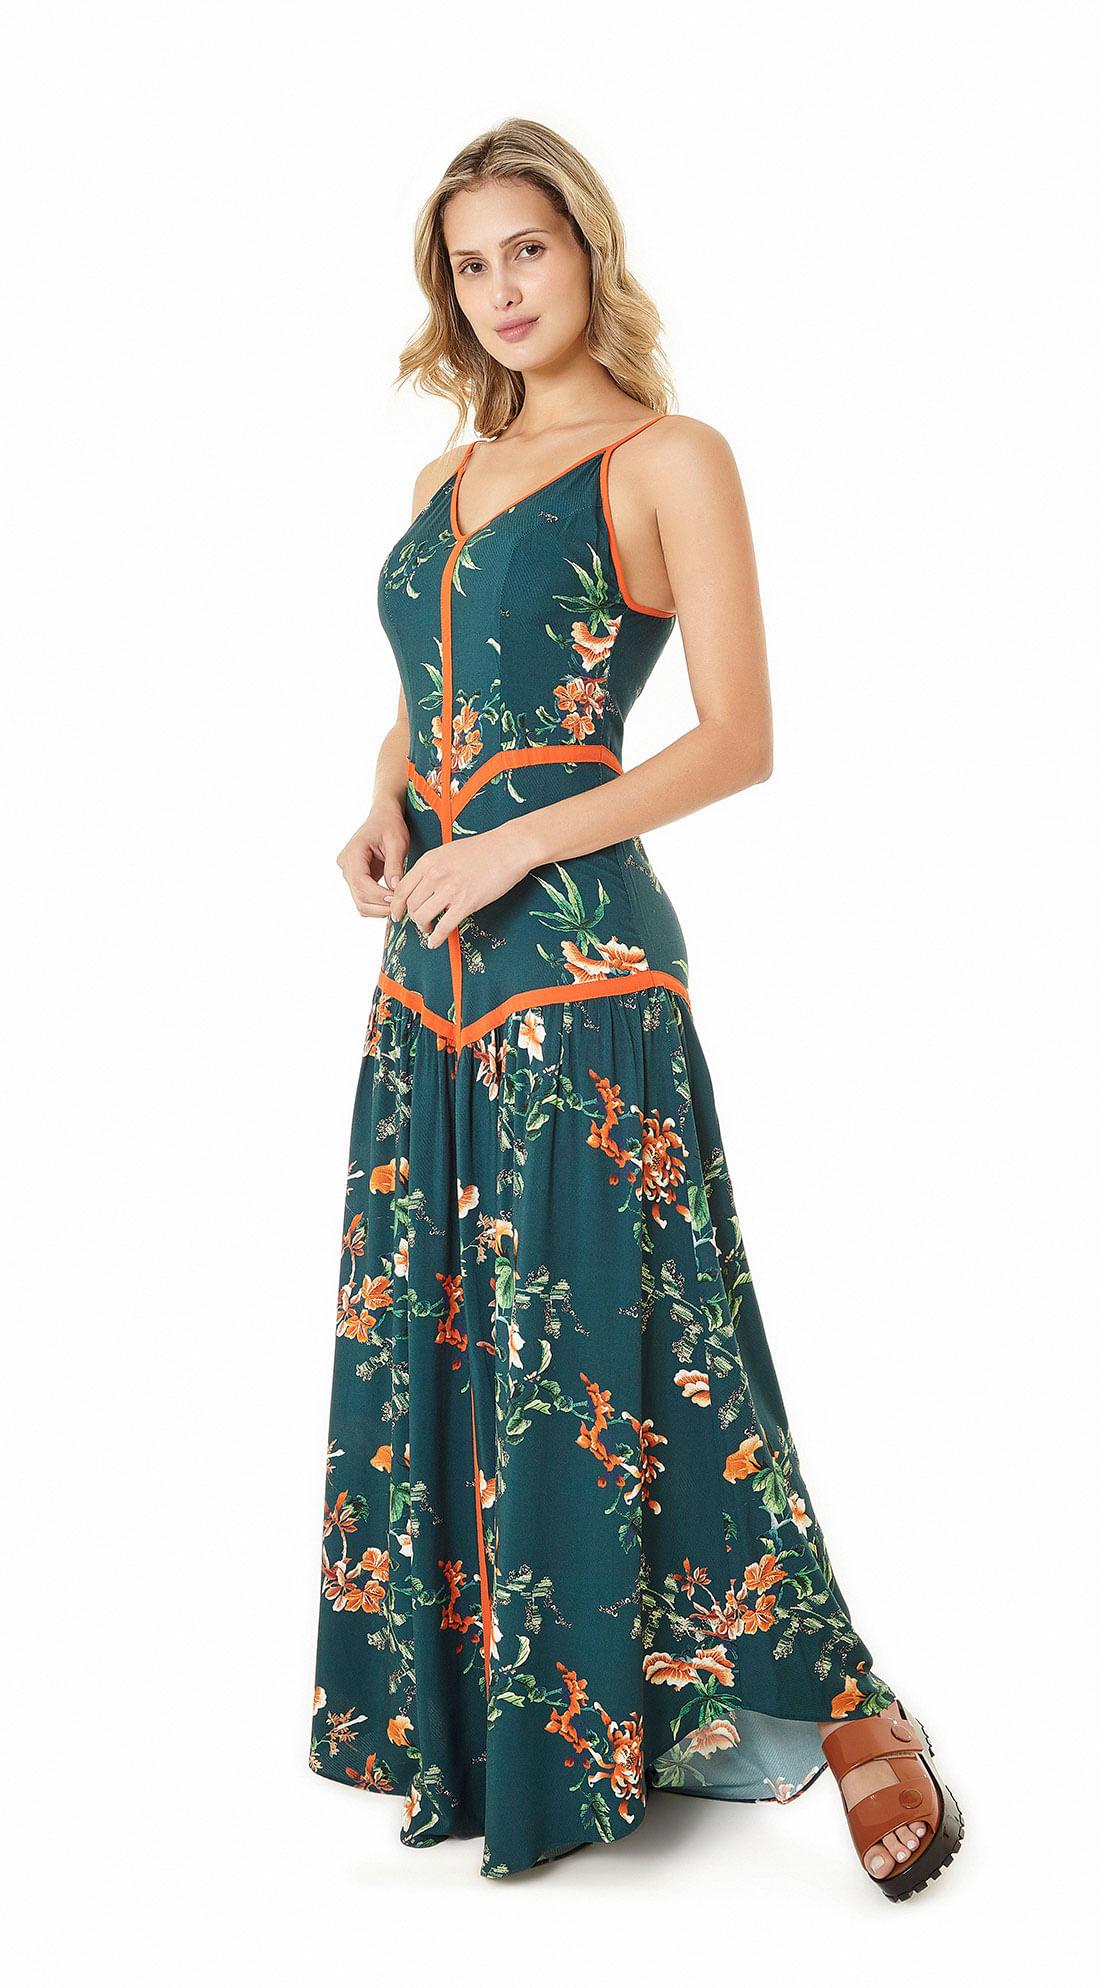 67e967631a Vestido Longo Estampado Com Detalhe Vies Verde - Zinco